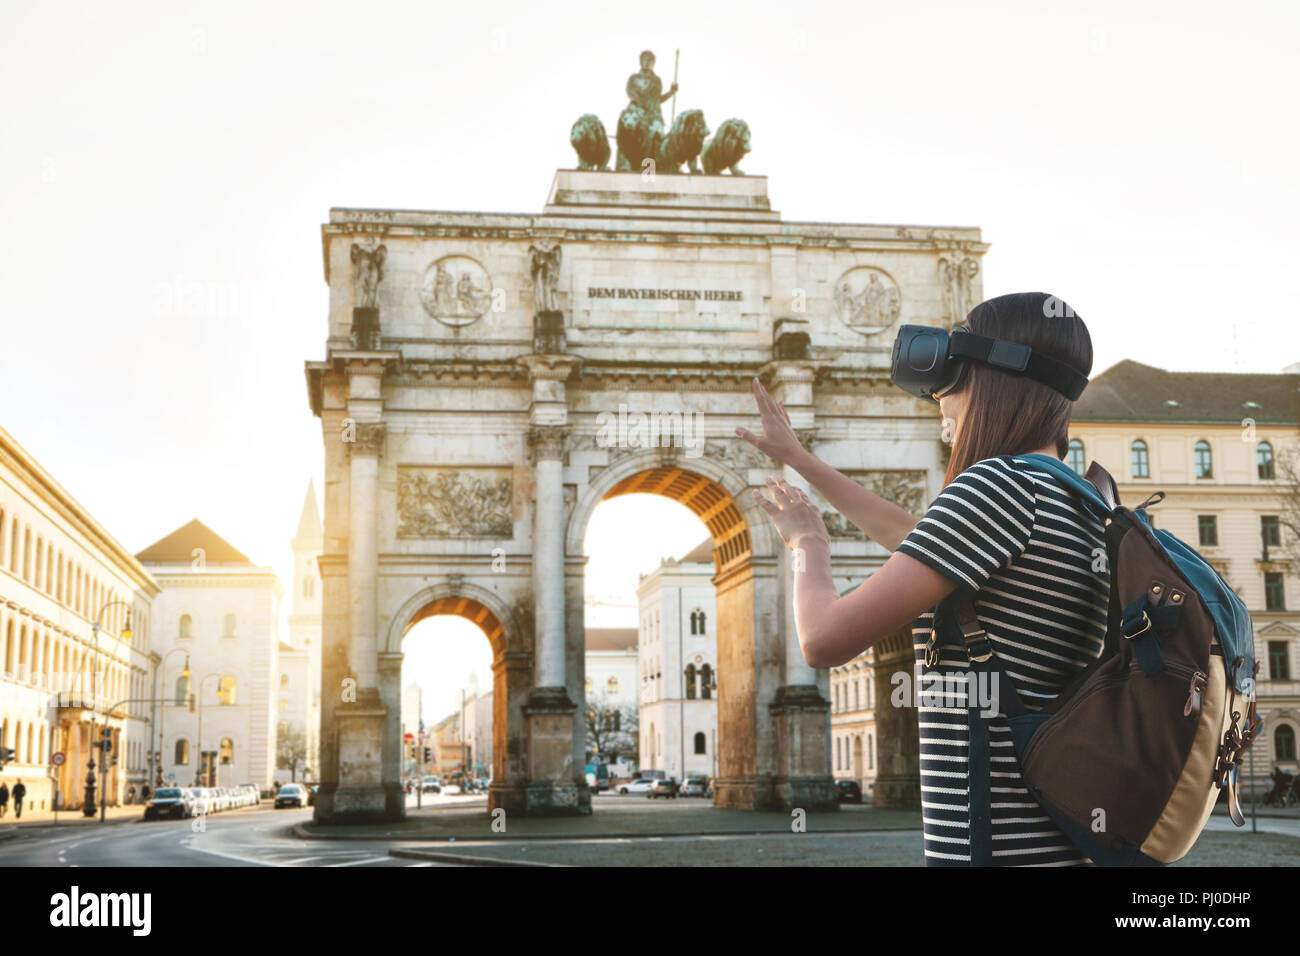 Girl'dans les verres la réalité virtuelle. Voyage virtuel à l'Allemagne. Le concept de tourisme virtuel. Visites de triomphe à Munich dans l'arrière-plan. Photo Stock